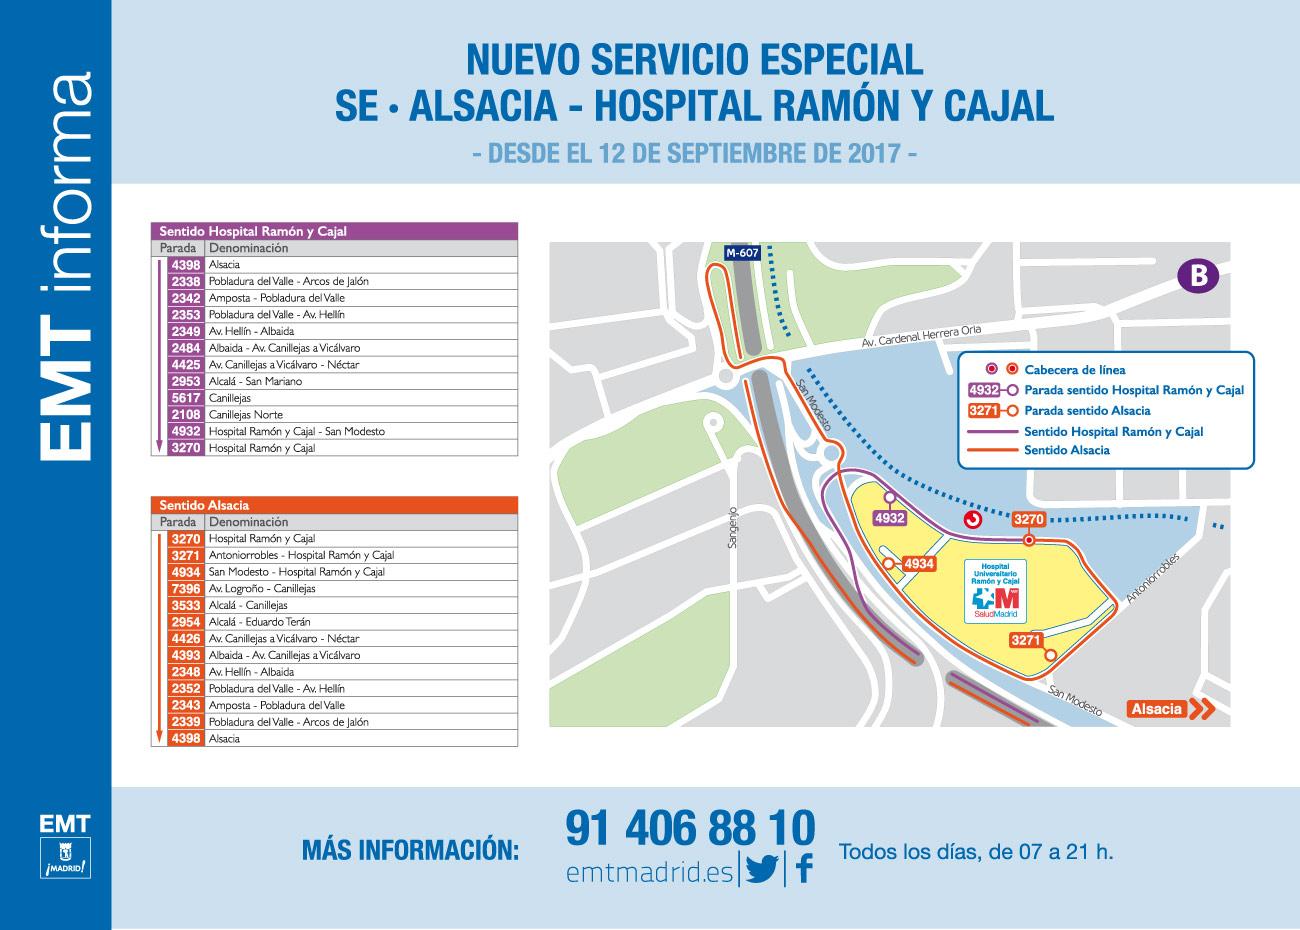 EMT Nuevo Servicio: Alsacia - Ramón y Cajal